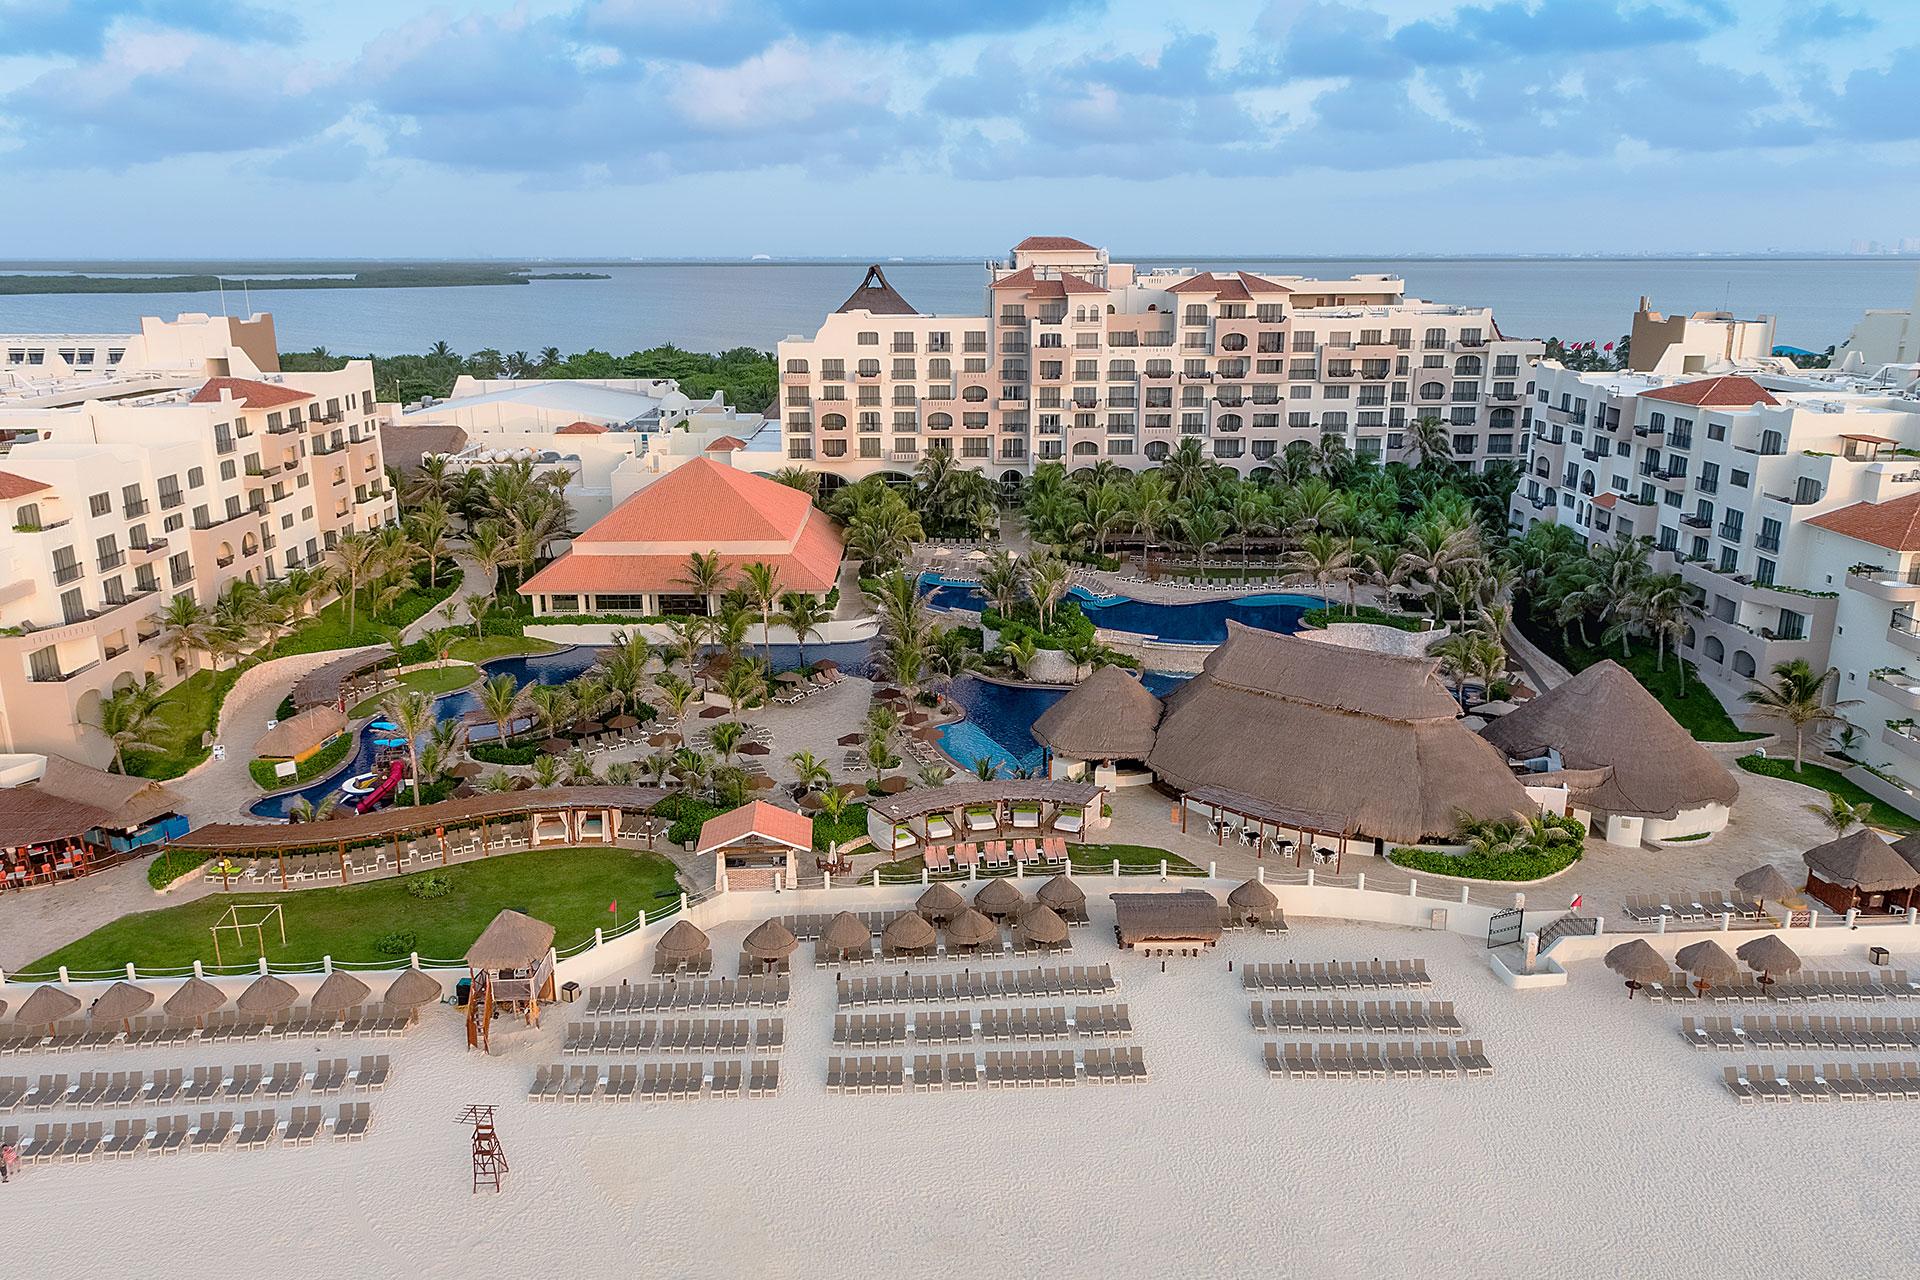 Aerial View of Grand Fiesta Americana Condesa Cancun - Cancun, MX - All Inclusive Resort